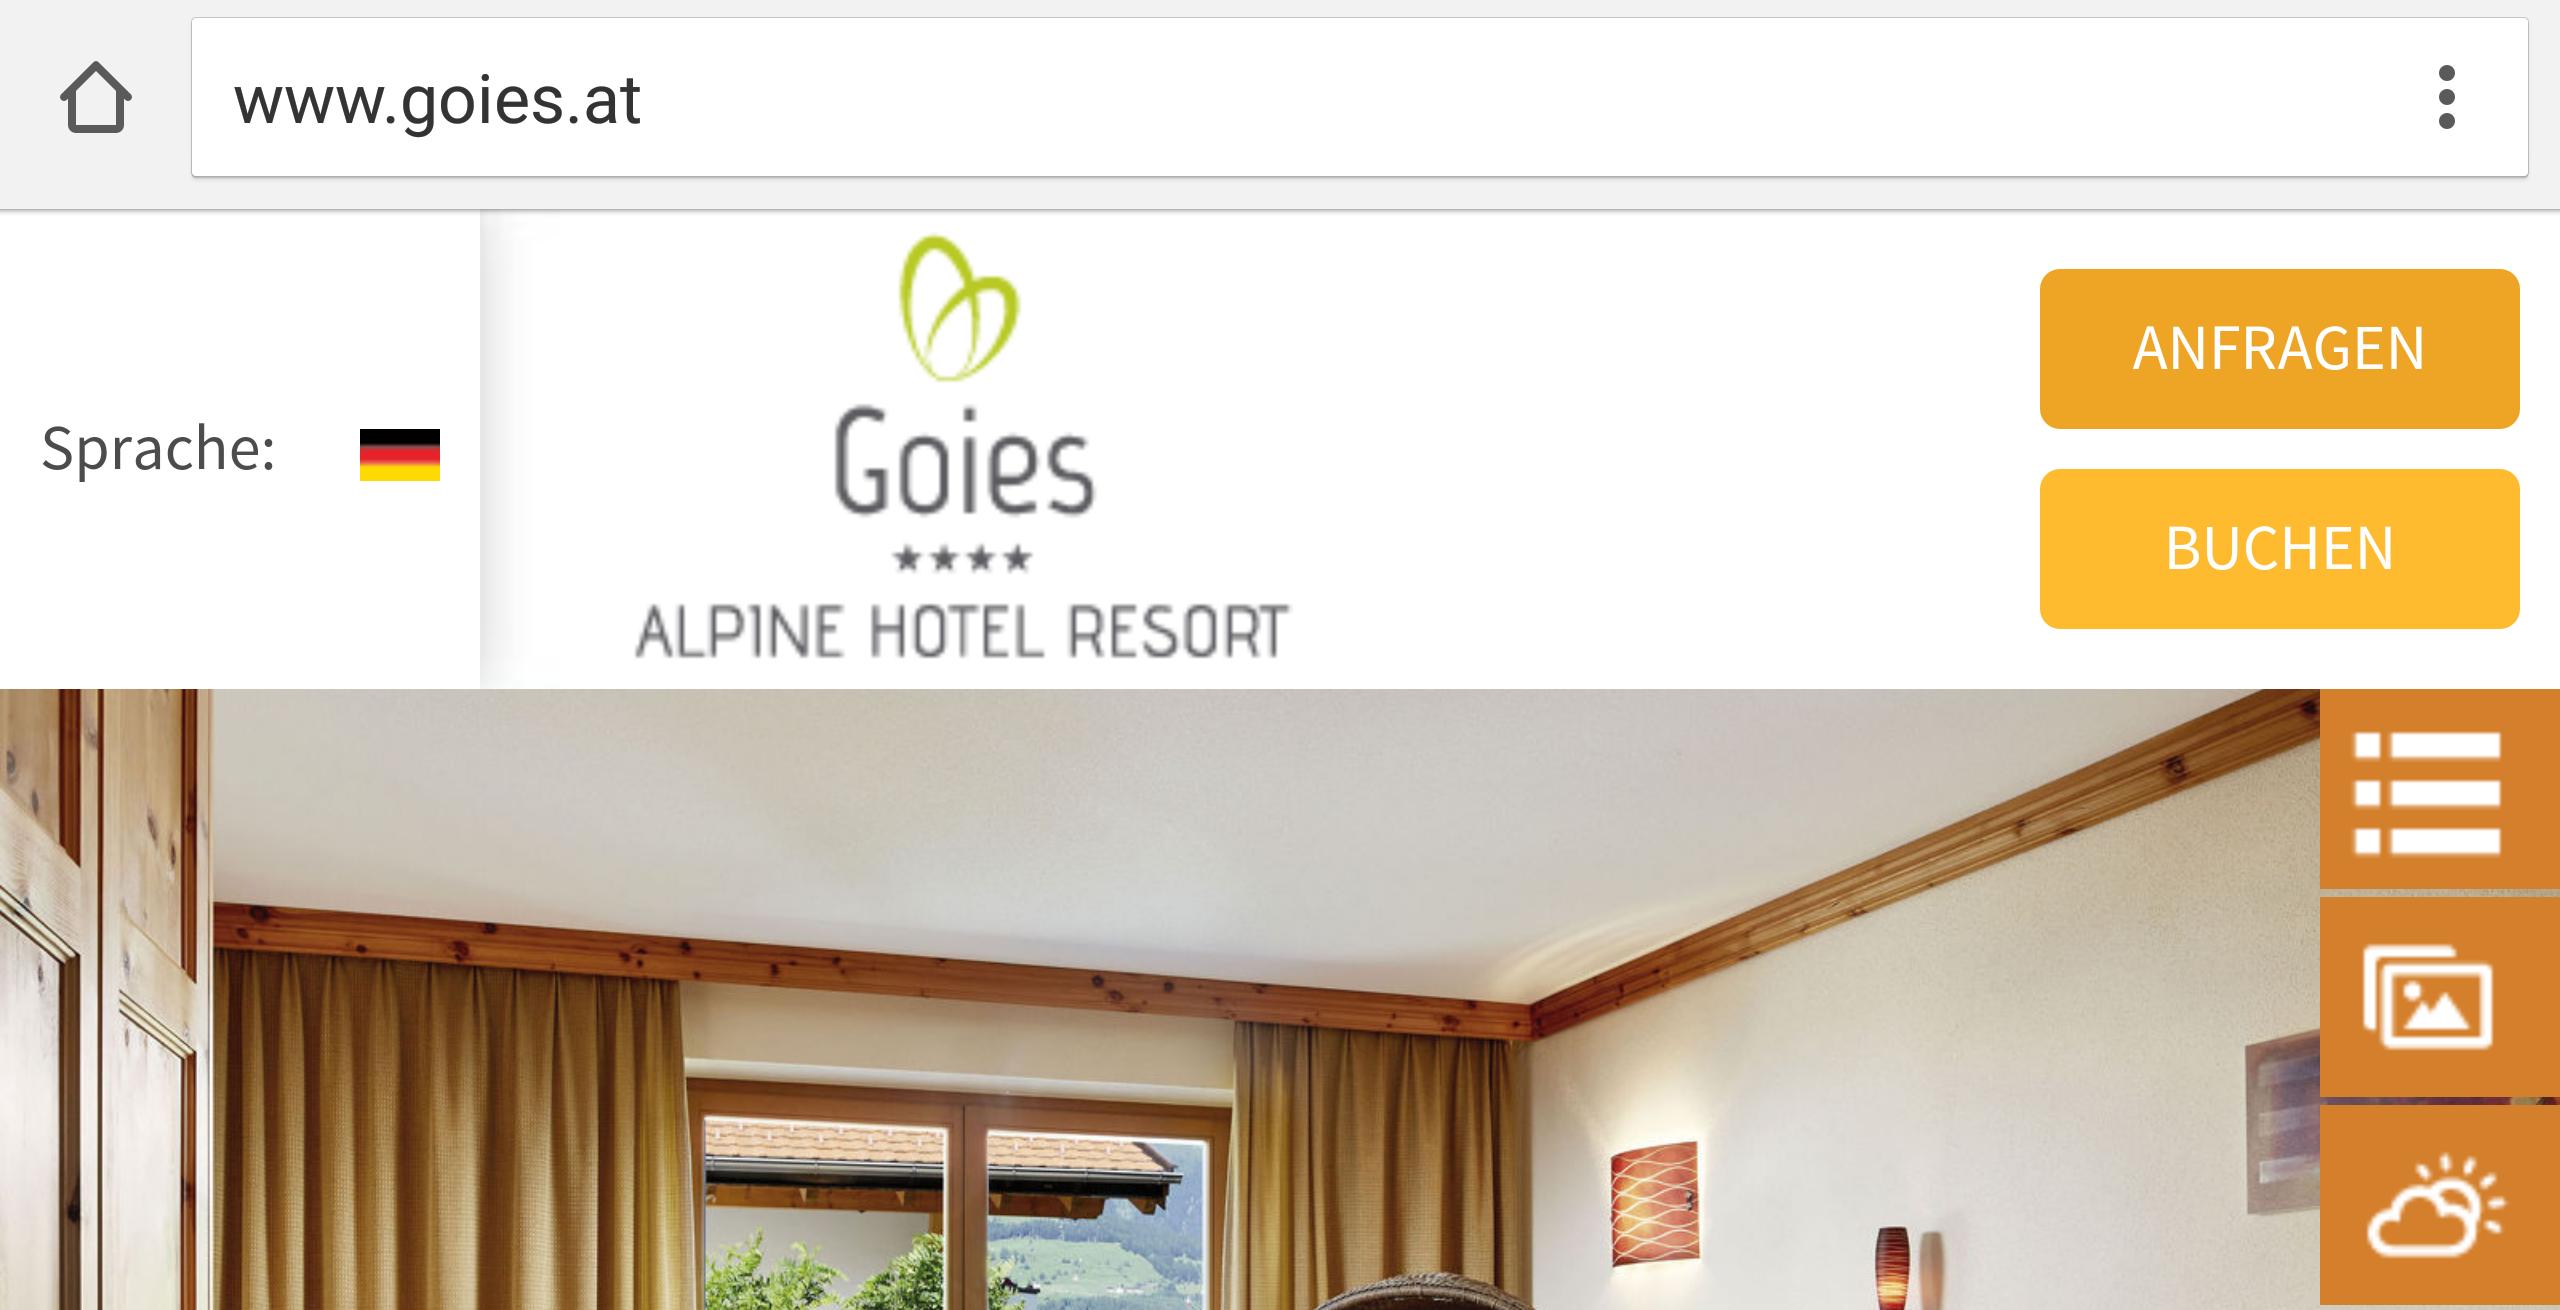 Hotel Gois: Anfrage-Buttons am oberen Bildrand - selbst bei kleinem Smartphone-Bildschirm